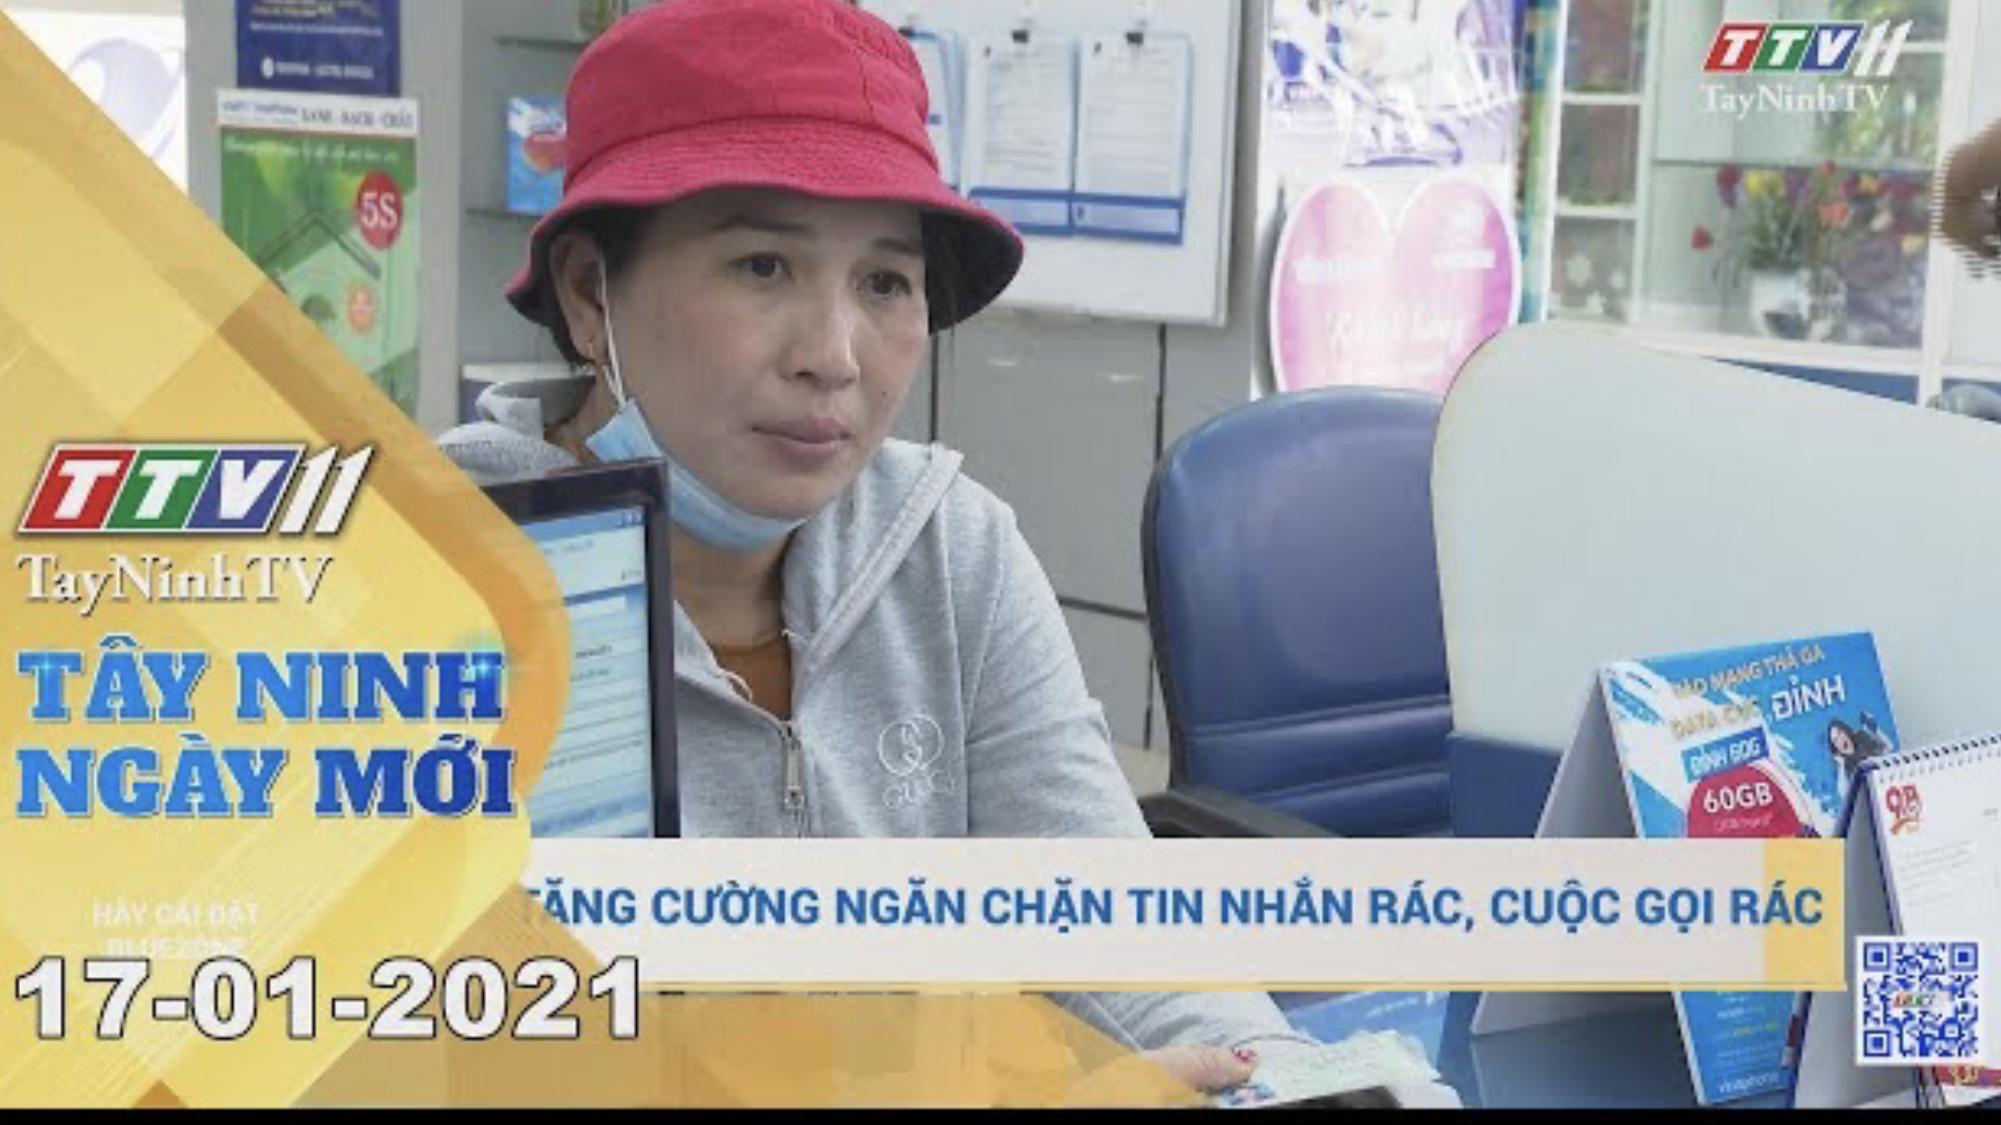 Tây Ninh Ngày Mới 17-01-2021 | Tin tức hôm nay | TayNinhTV